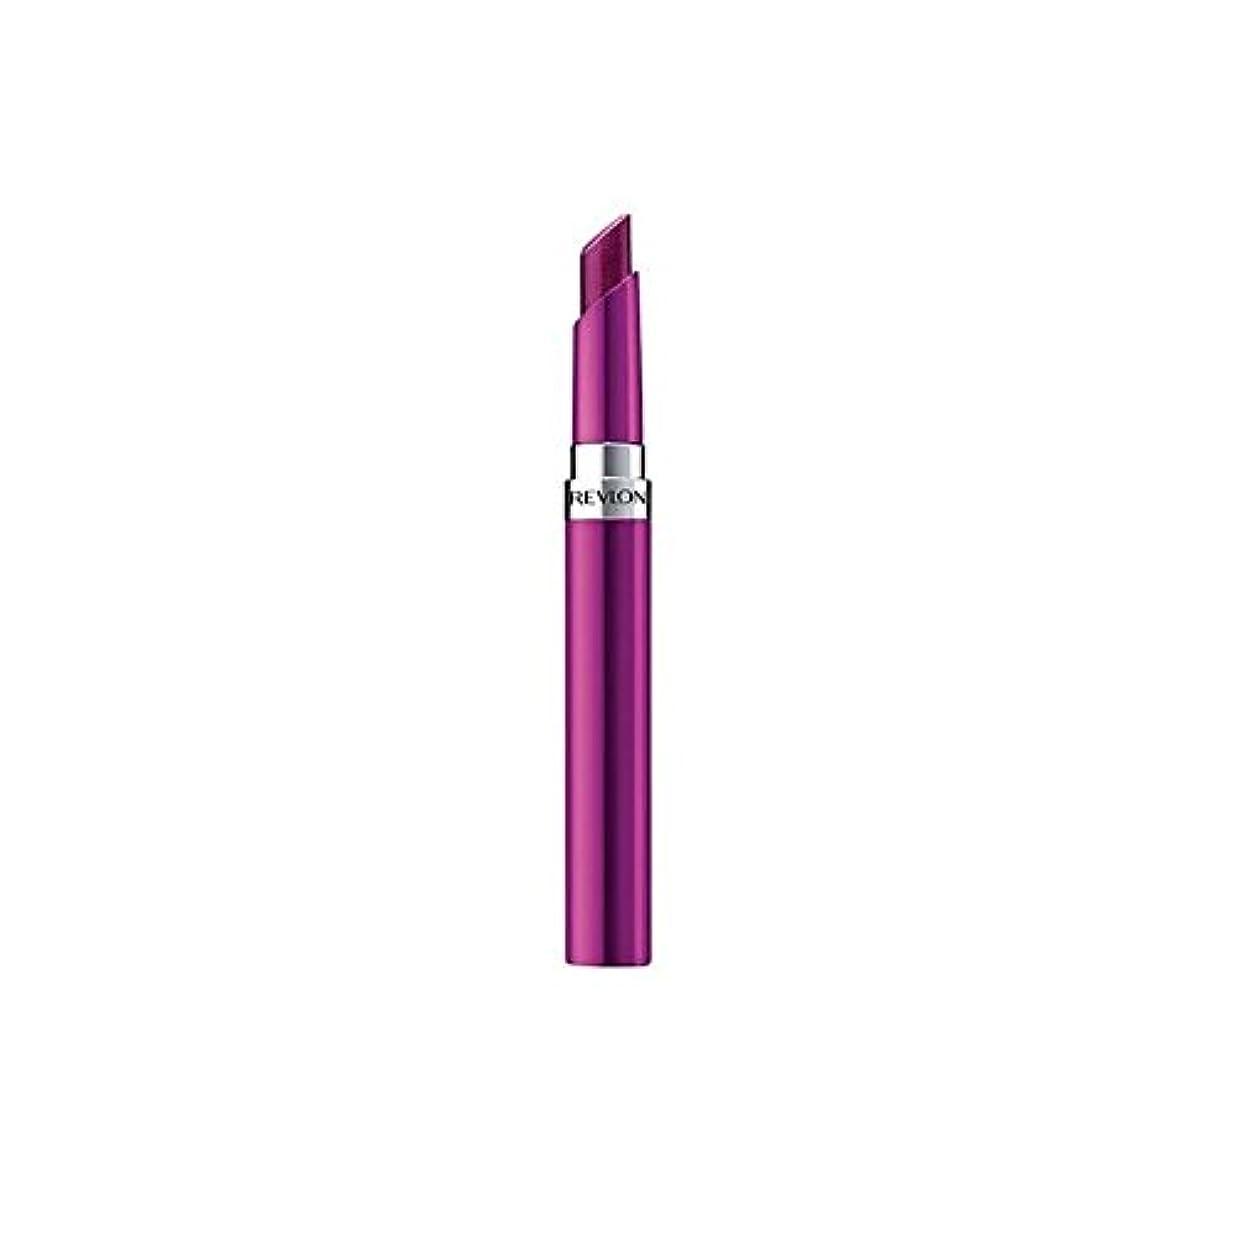 クラウドグラフィック未使用Revlon Ultra HD Gel Lipcolor Twilight (Pack of 6) - レブロン超ゲル夕暮れ x6 [並行輸入品]